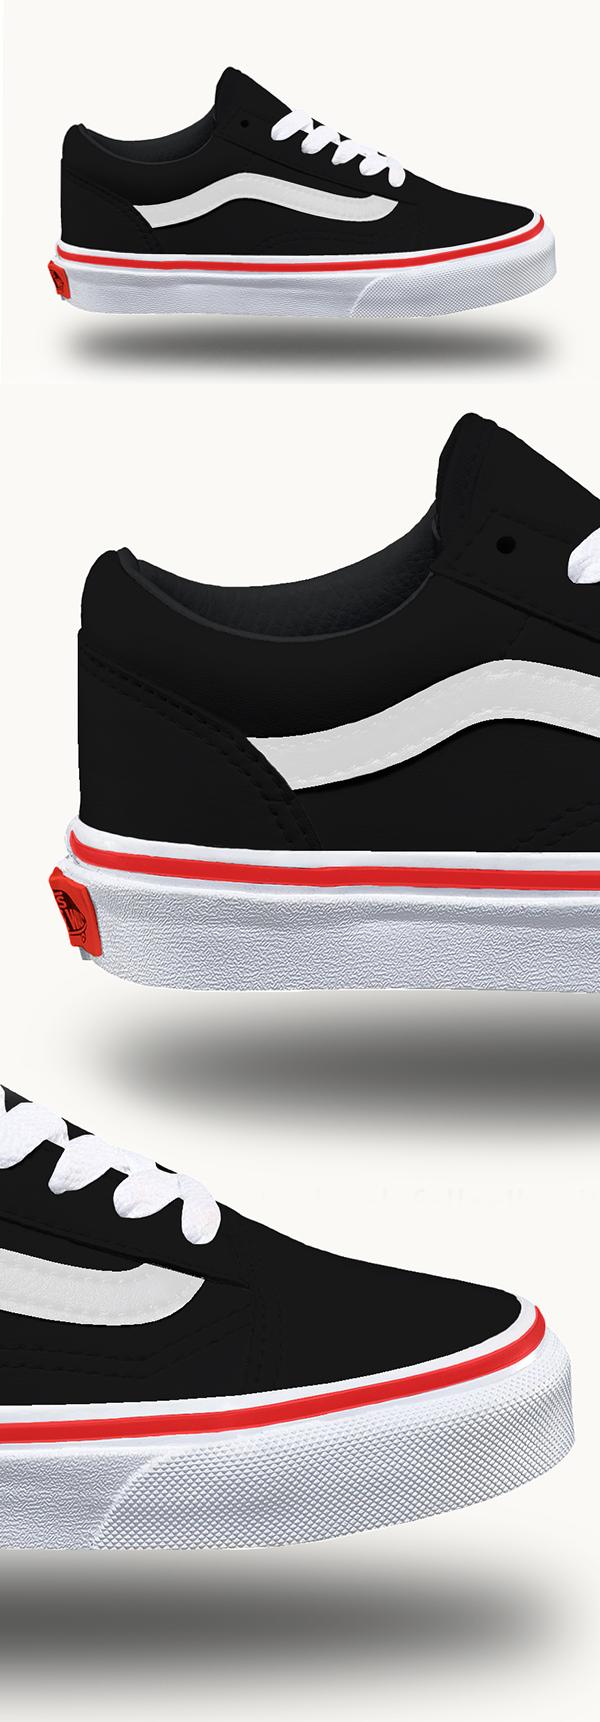 Free Shoe Mockup PSD